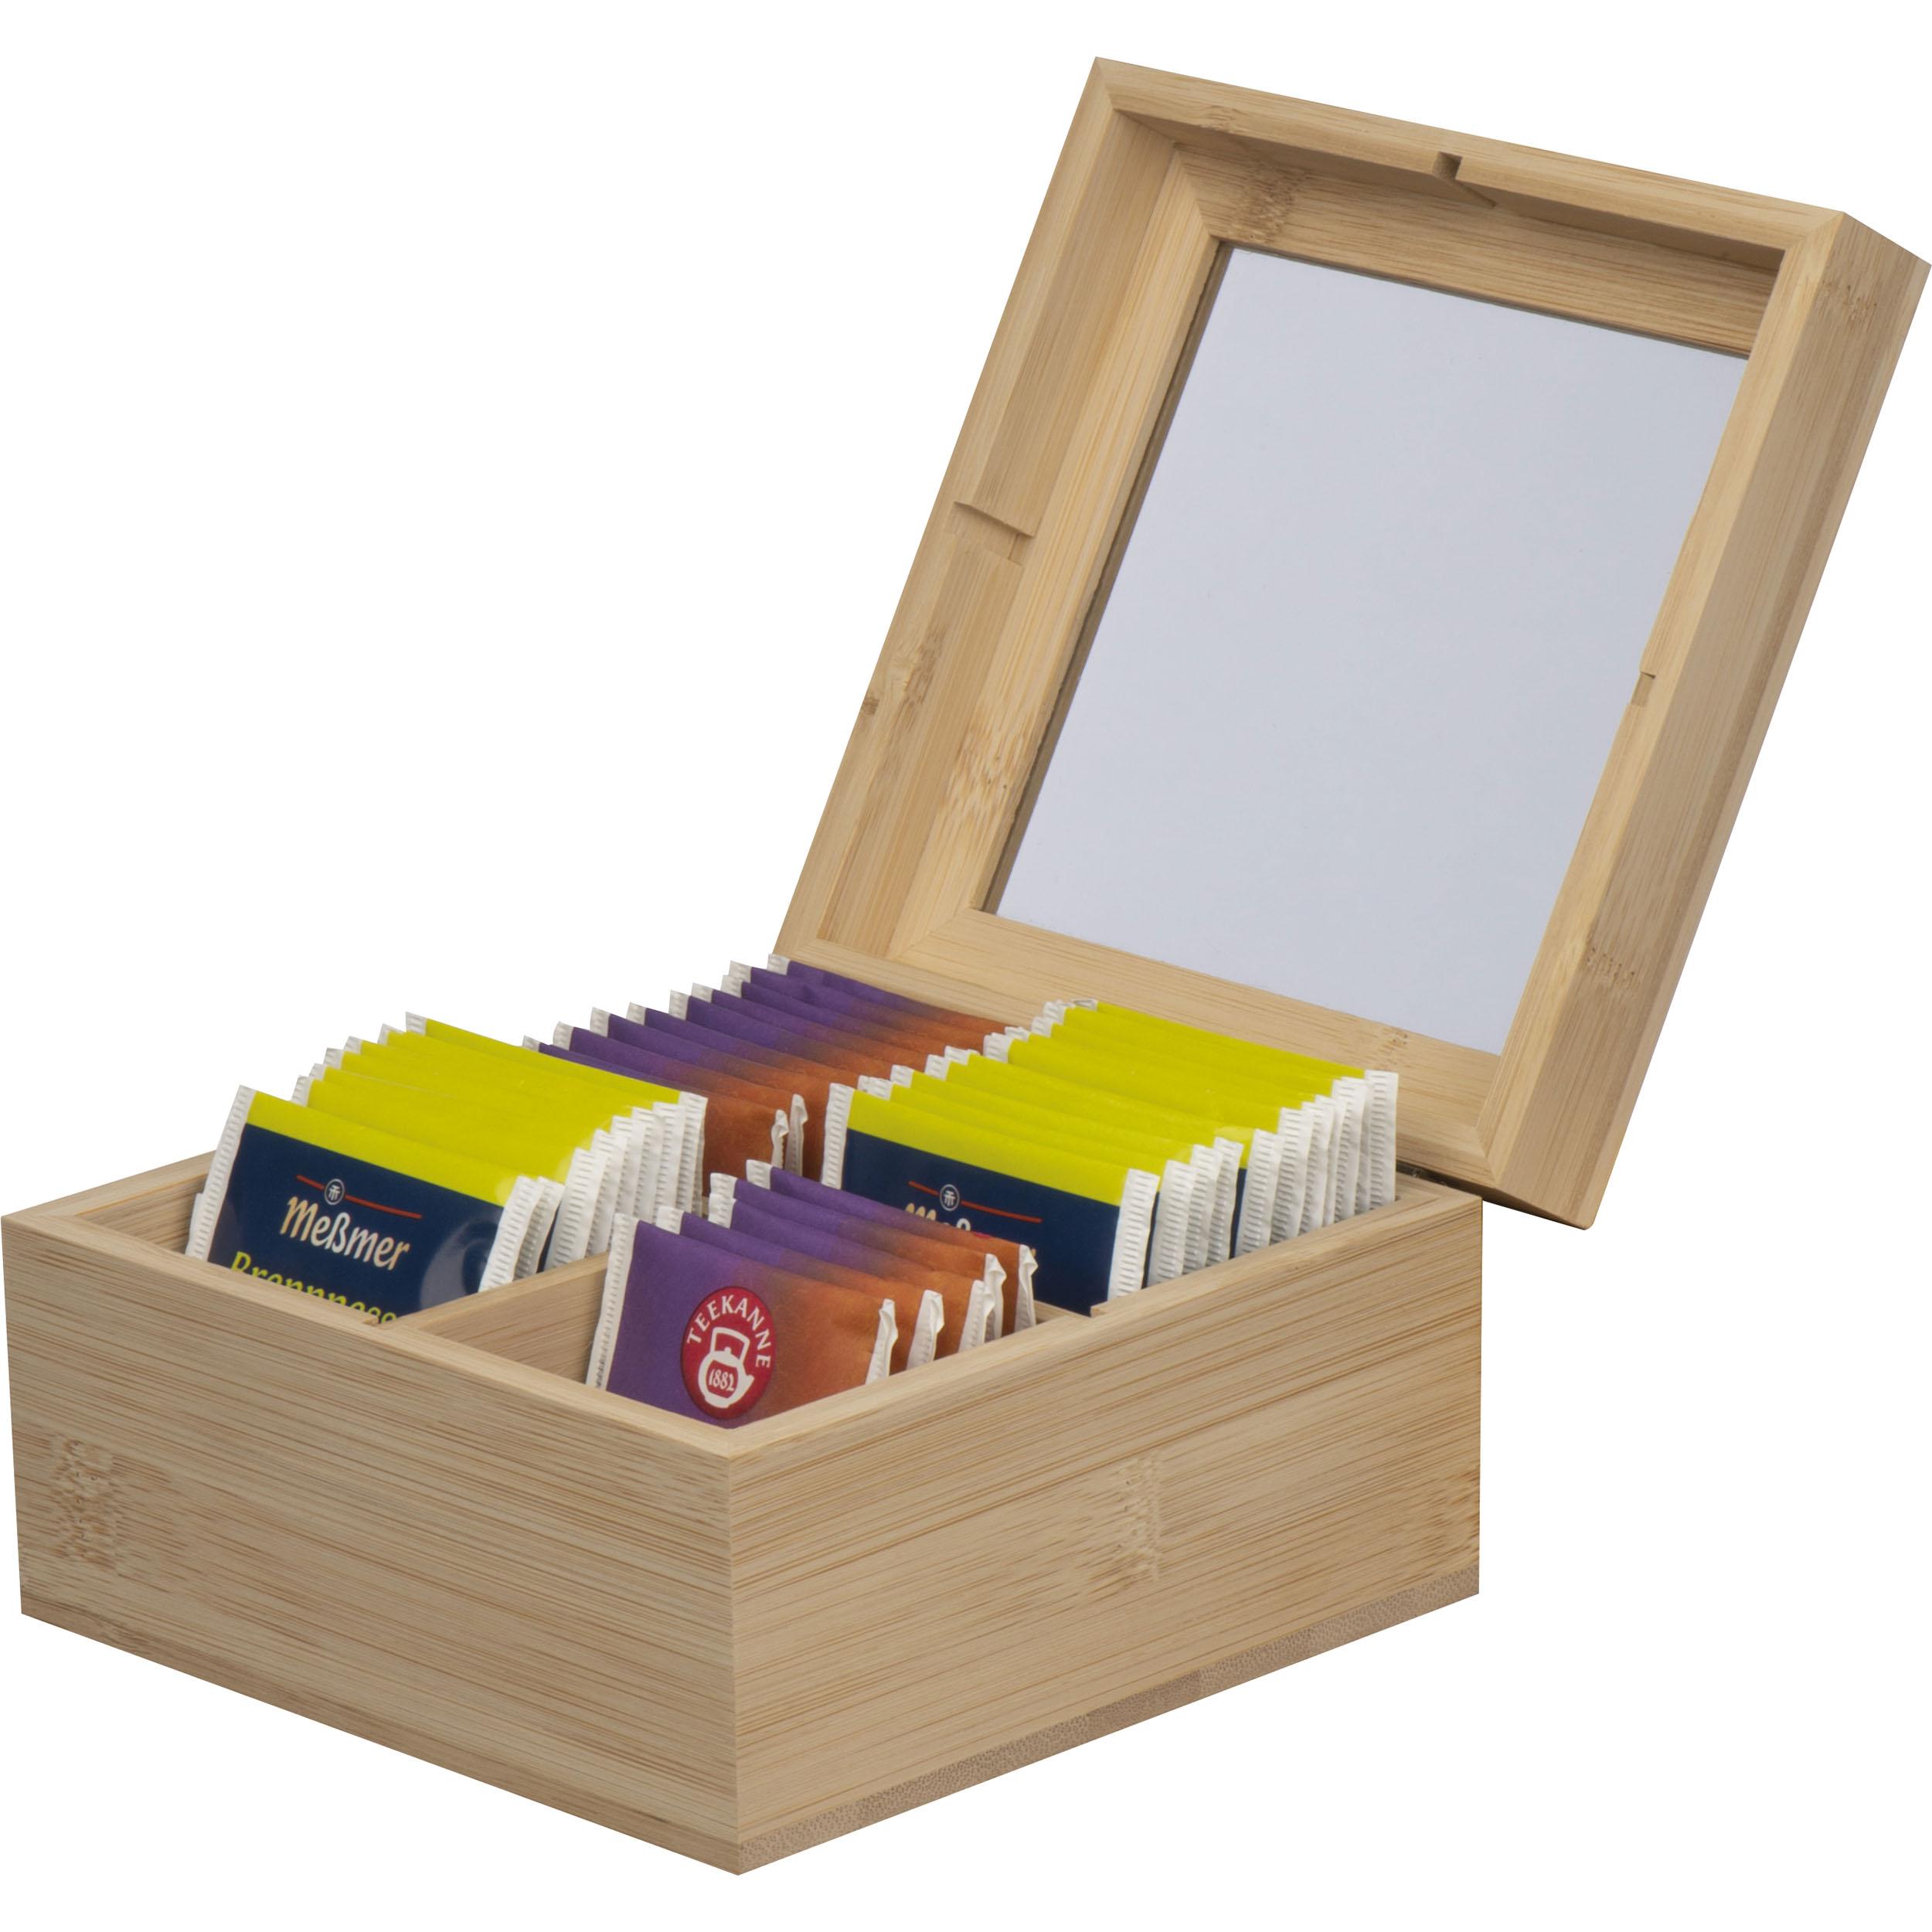 Boîte de rangement pour le thé en bambou avec couvercle en verre pour 40 sachets de thé